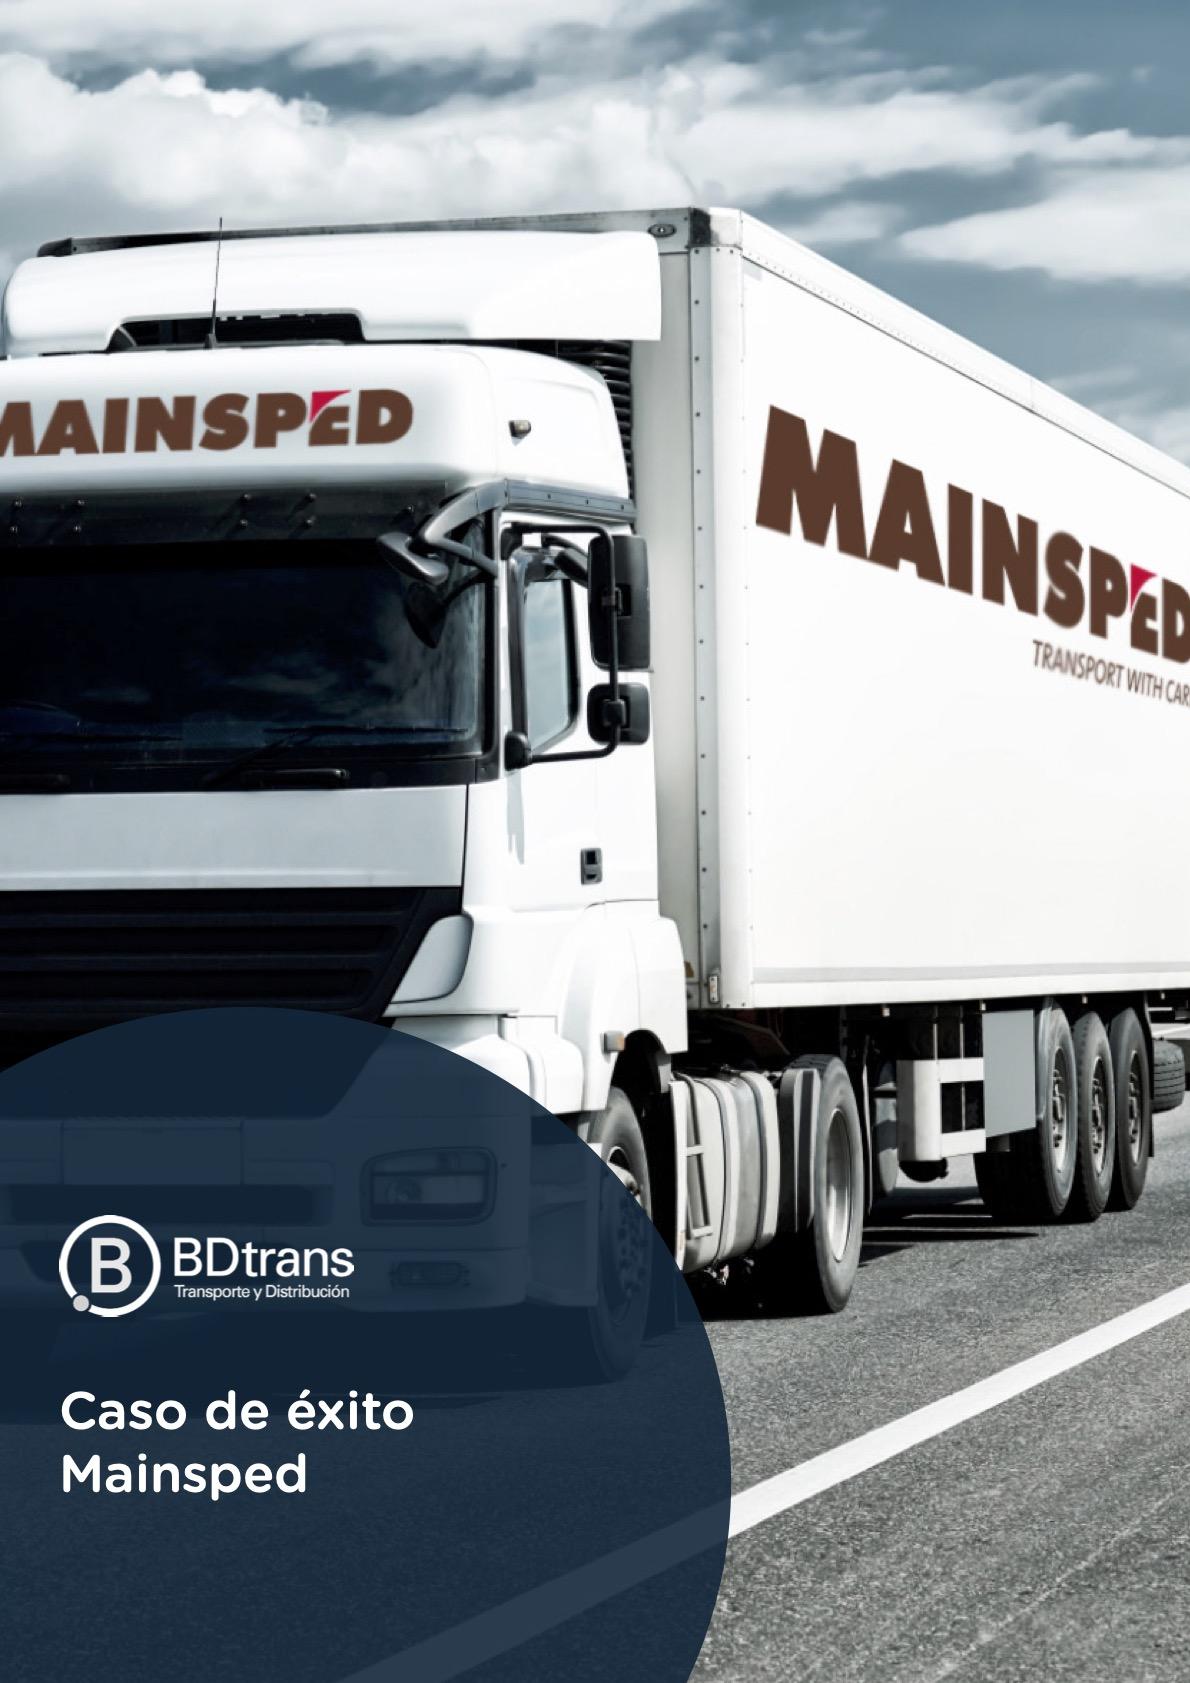 Caso-Exito-Mainsped